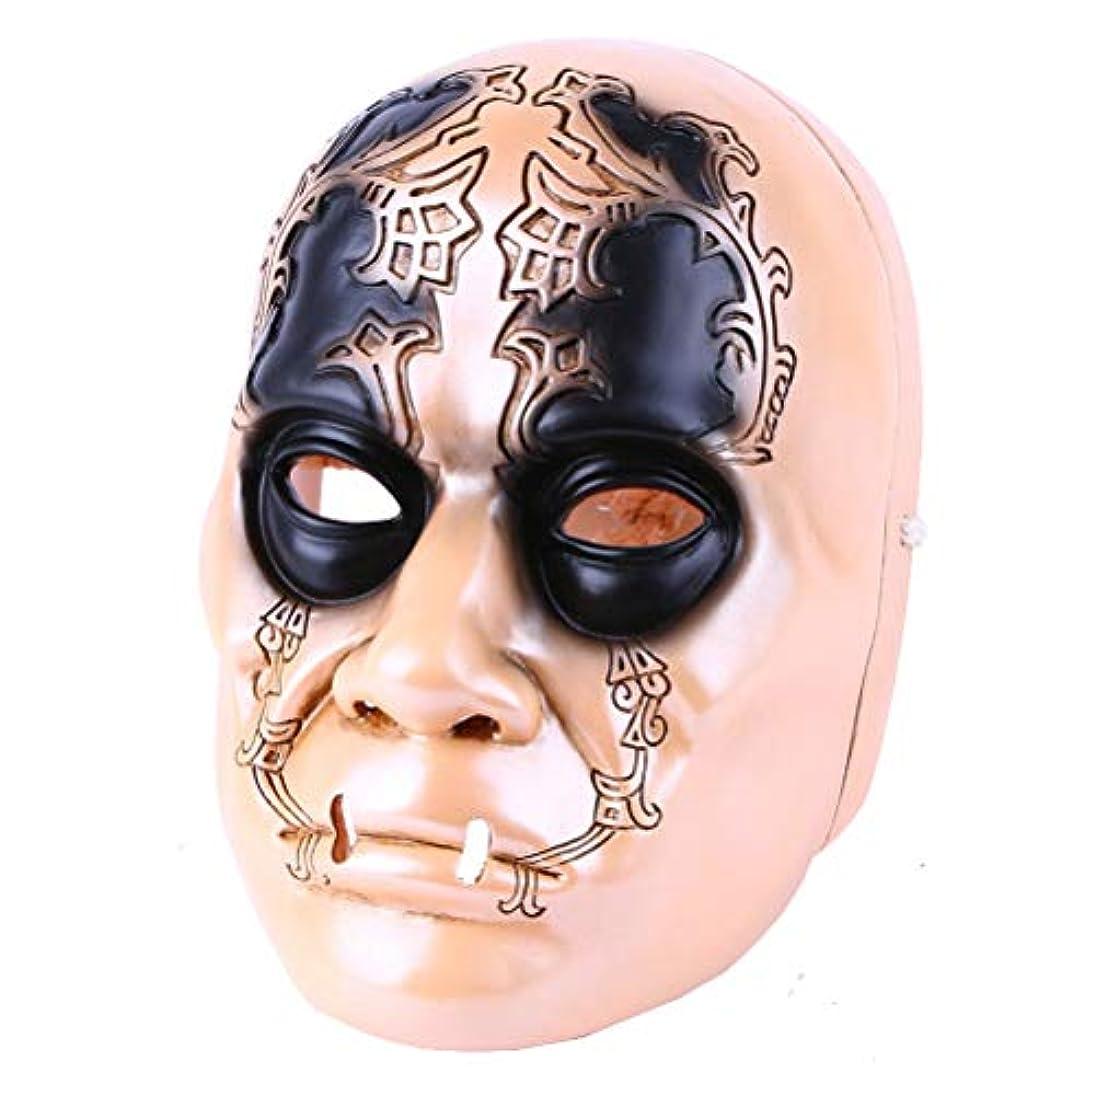 アラビア語飼い慣らすばかげたハロウィーンマスクテロ悪魔マスクハリーポッターの映画のテーマデスイーターマスクモデルの小道具